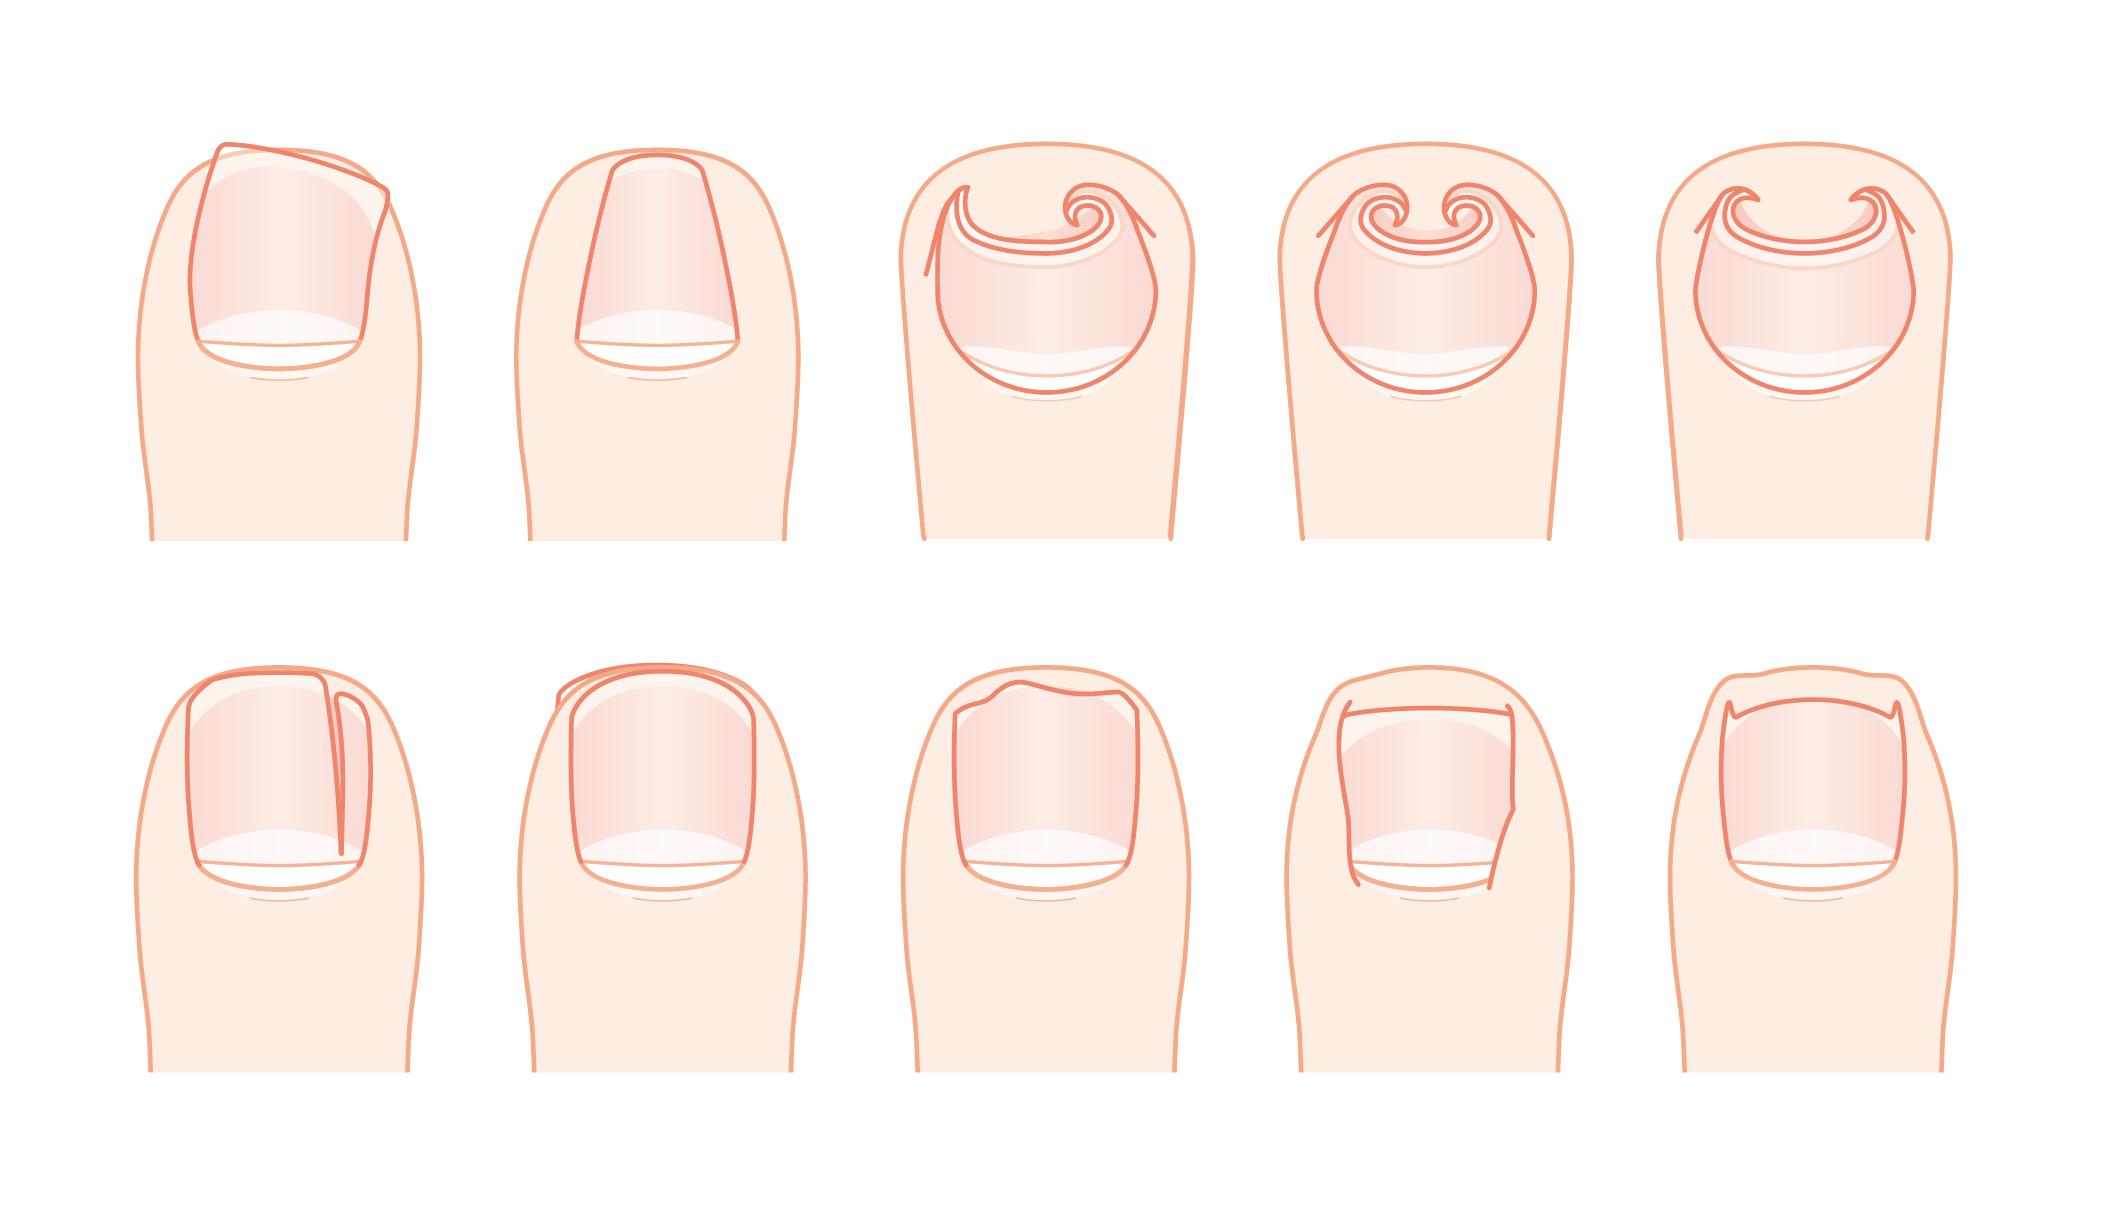 色々な巻き爪